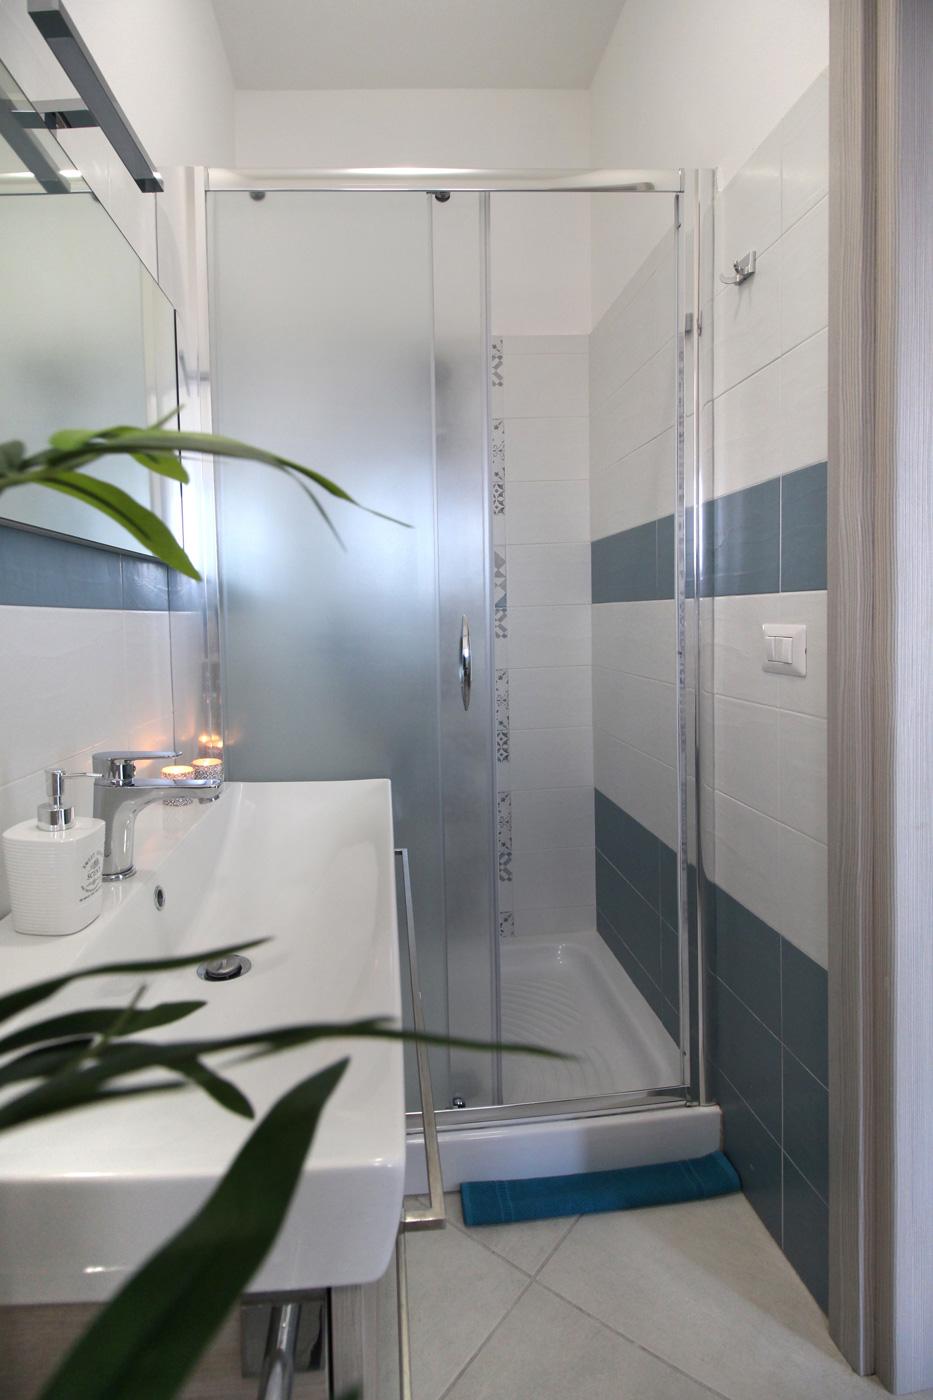 Appartamento Sofia_Romagna case vacanze_Gatteo mare_San mauro_9645_2